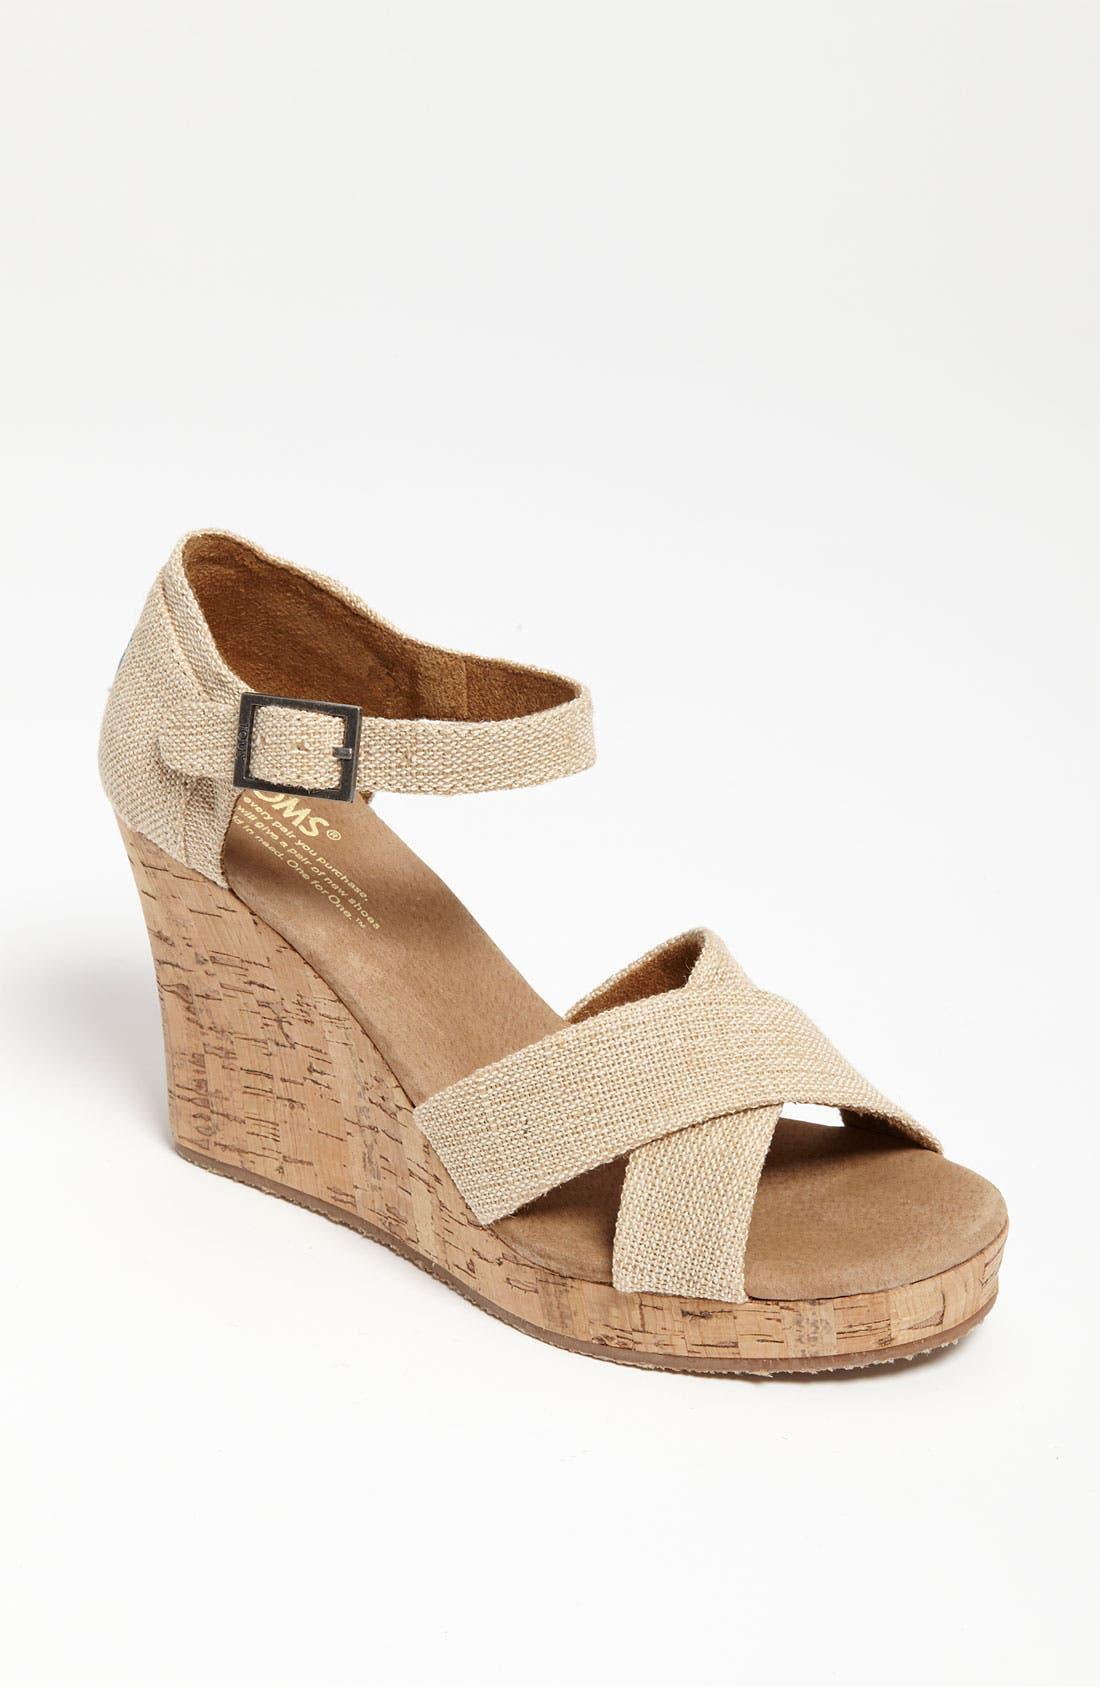 Alternate Image 1 Selected - TOMS 'Sierra' Wedge Sandal